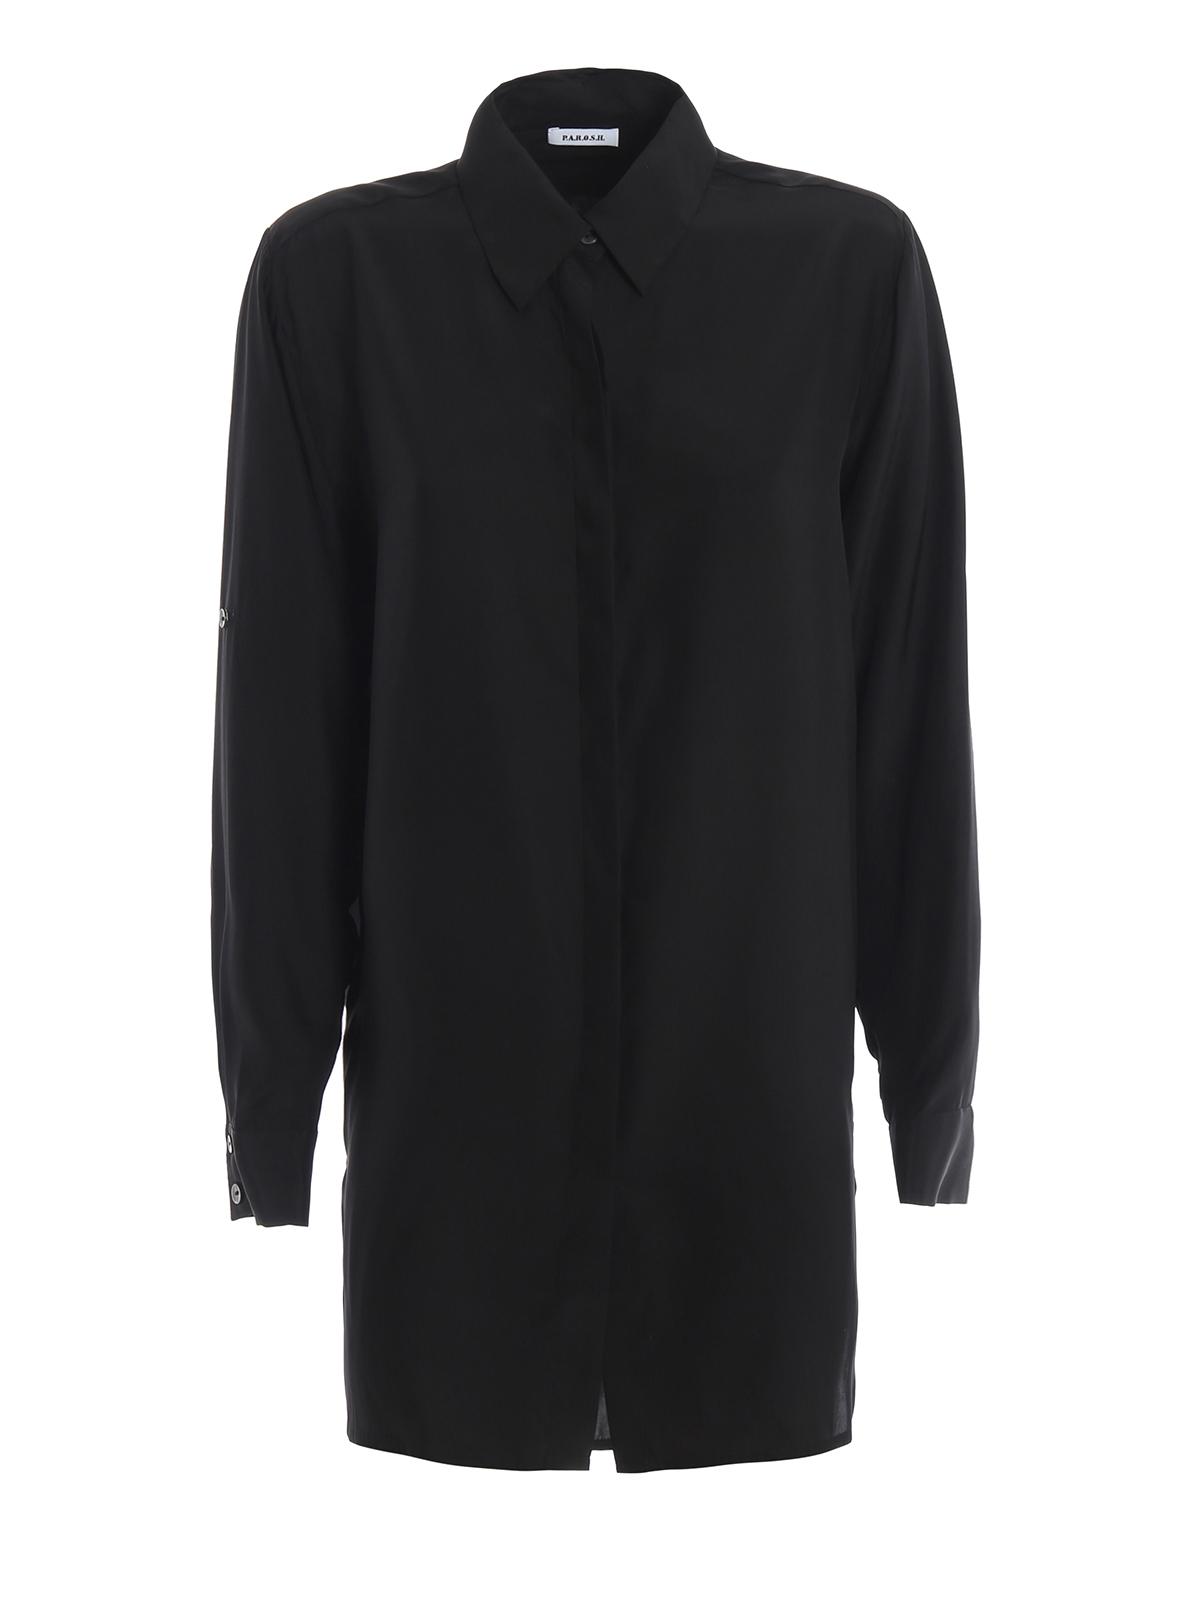 premium selection 33e2d f8e7c P.A.R.O.S.H. - Camicia Softer nera in raso di seta - camicie ...